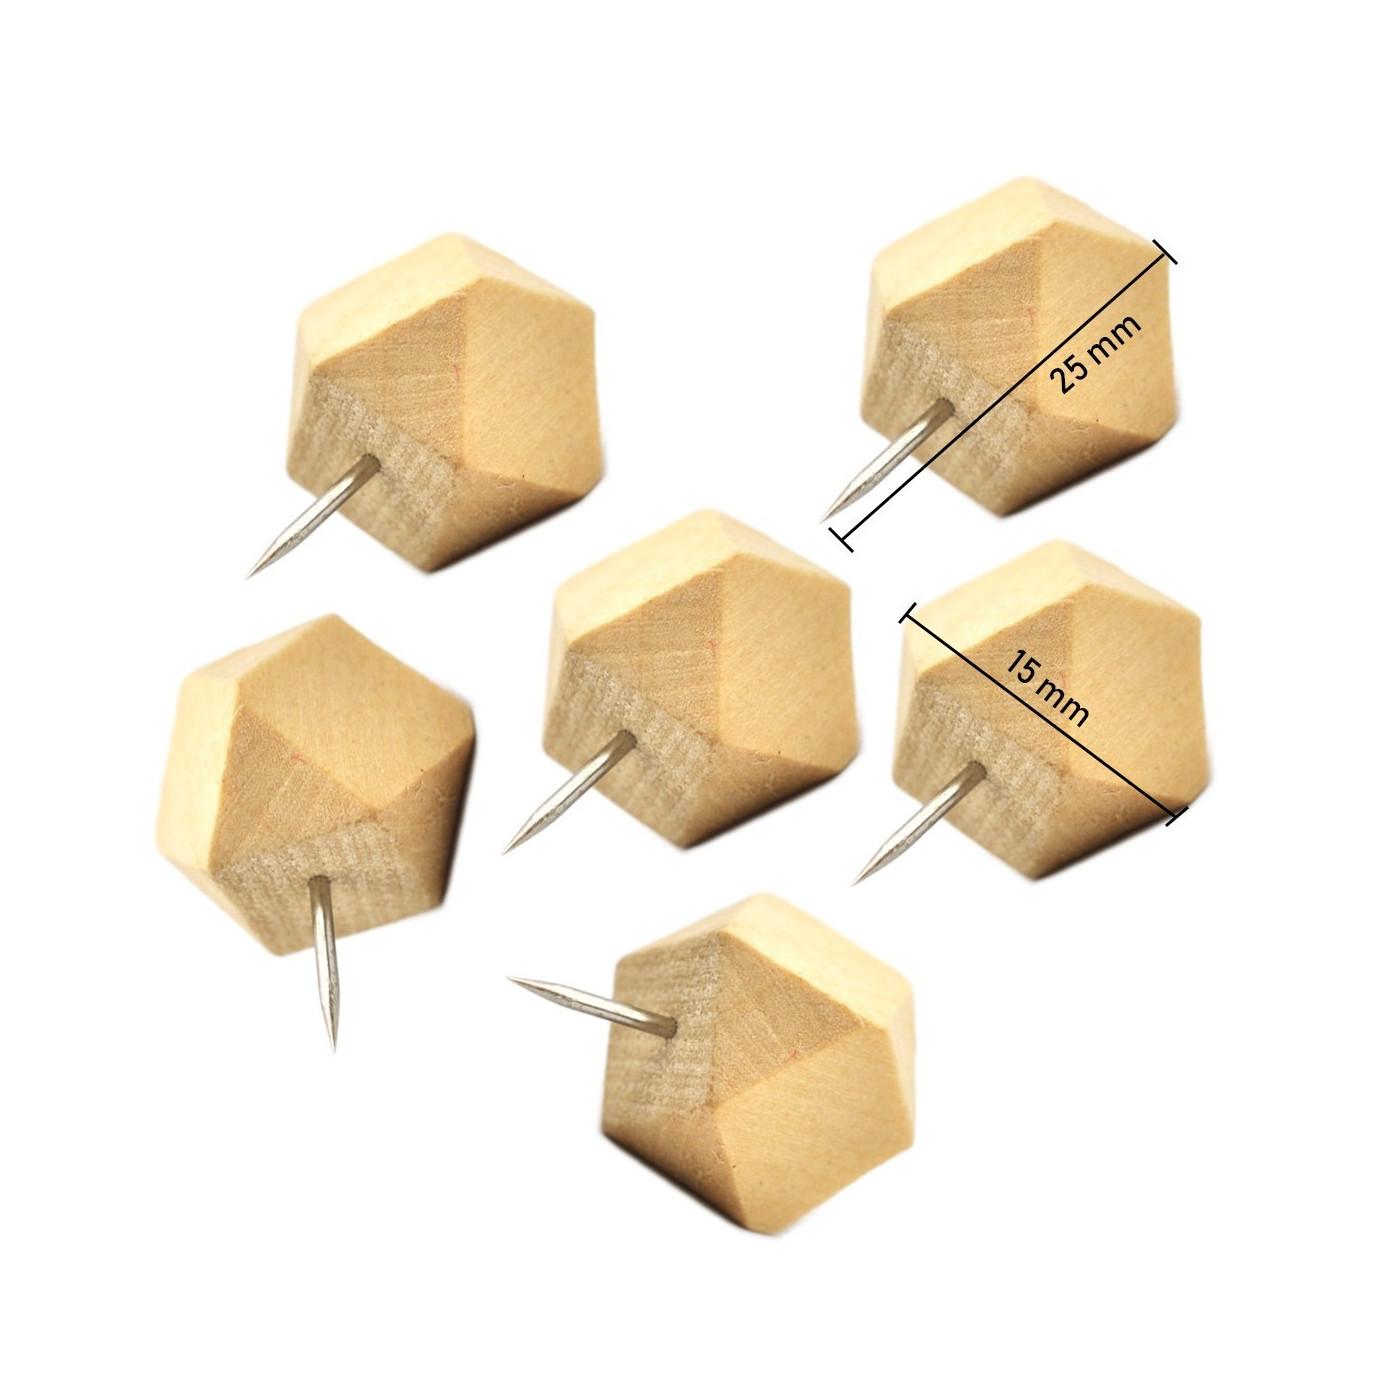 Conjunto de 28 pasadores de polígono de madera en cajas  - 1